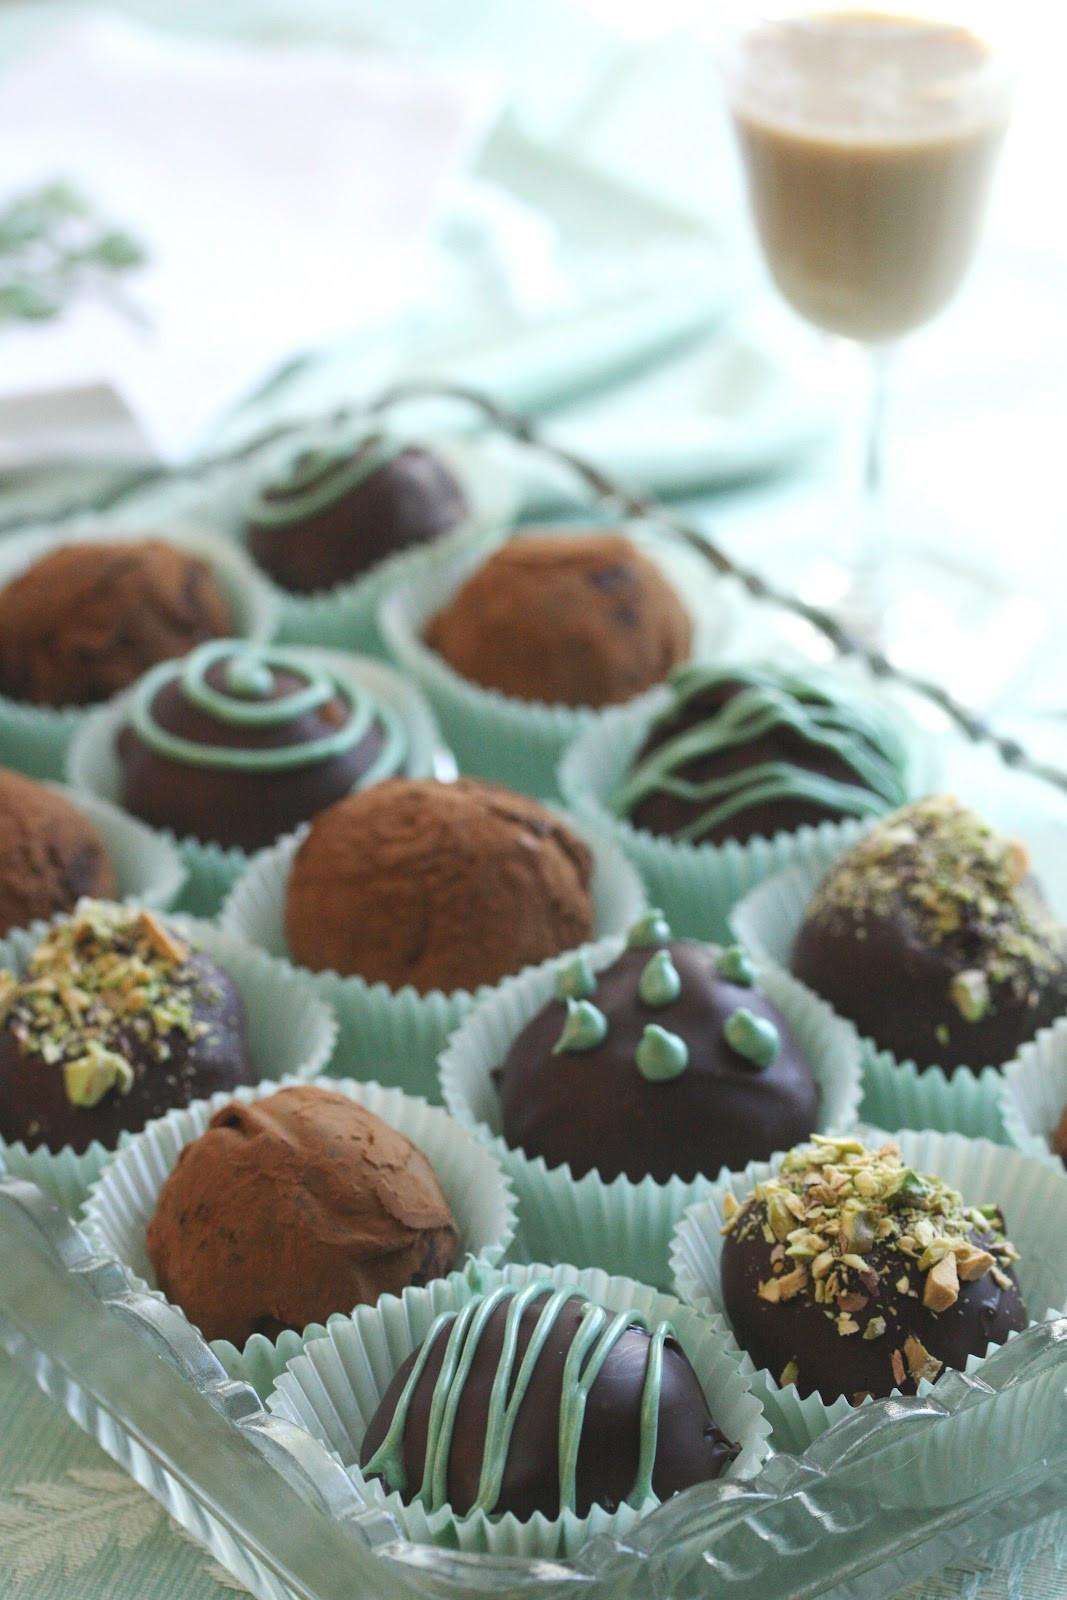 Chocolate Truffle Desserts  Bailey s Irish Cream Chocolate Truffles Saving Room for